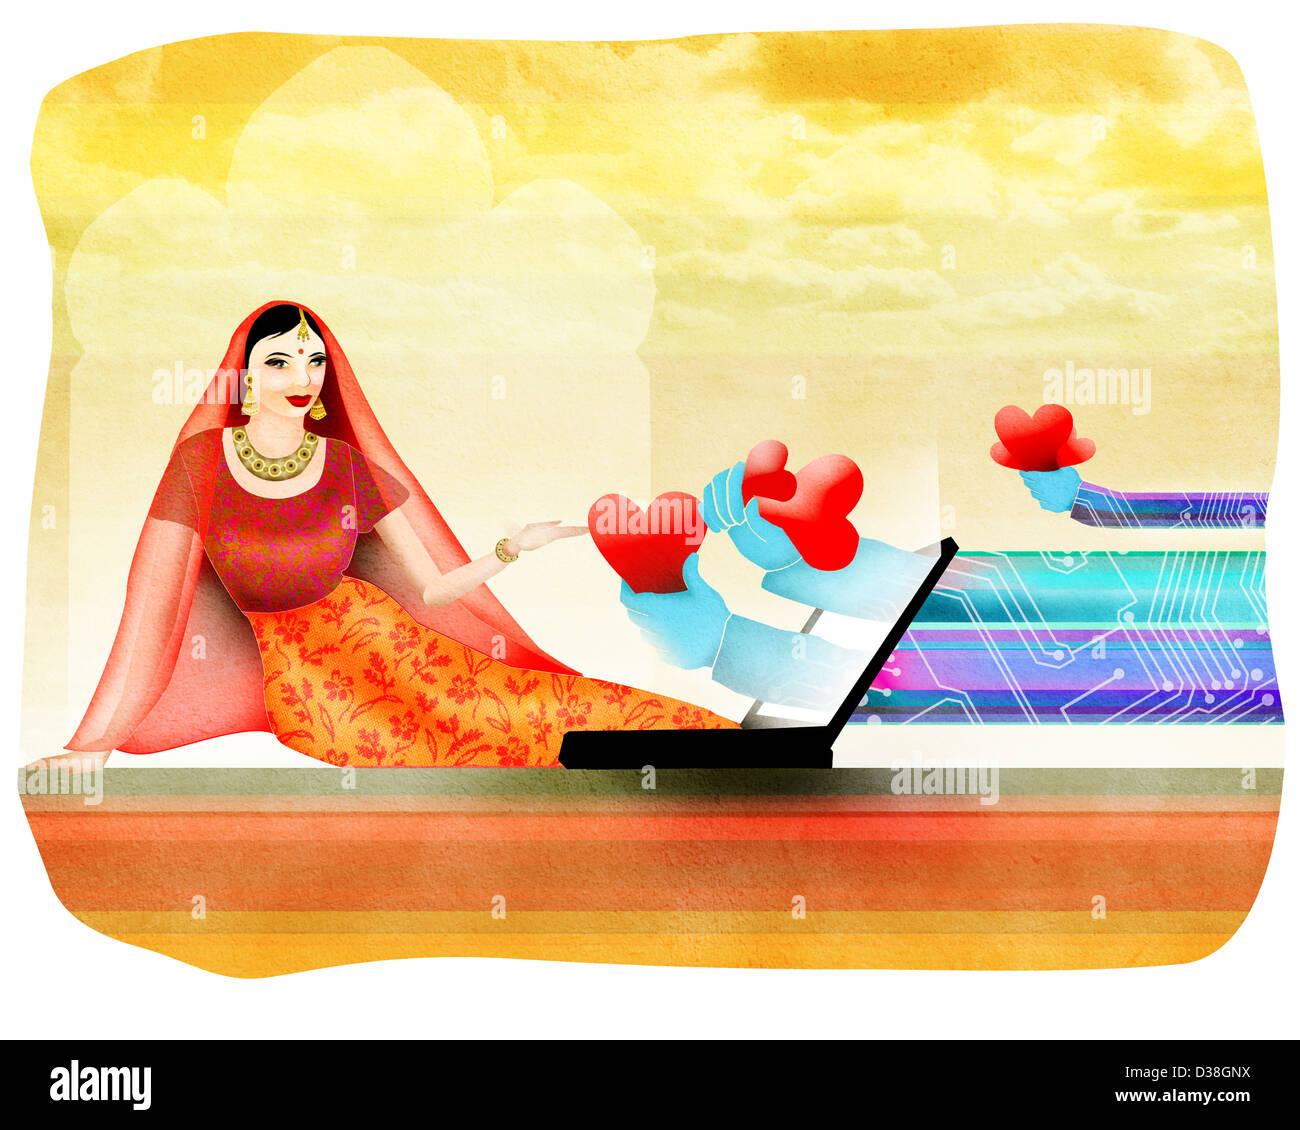 Mujer recibiendo propuestas de matrimonio a través de internet Imagen De Stock